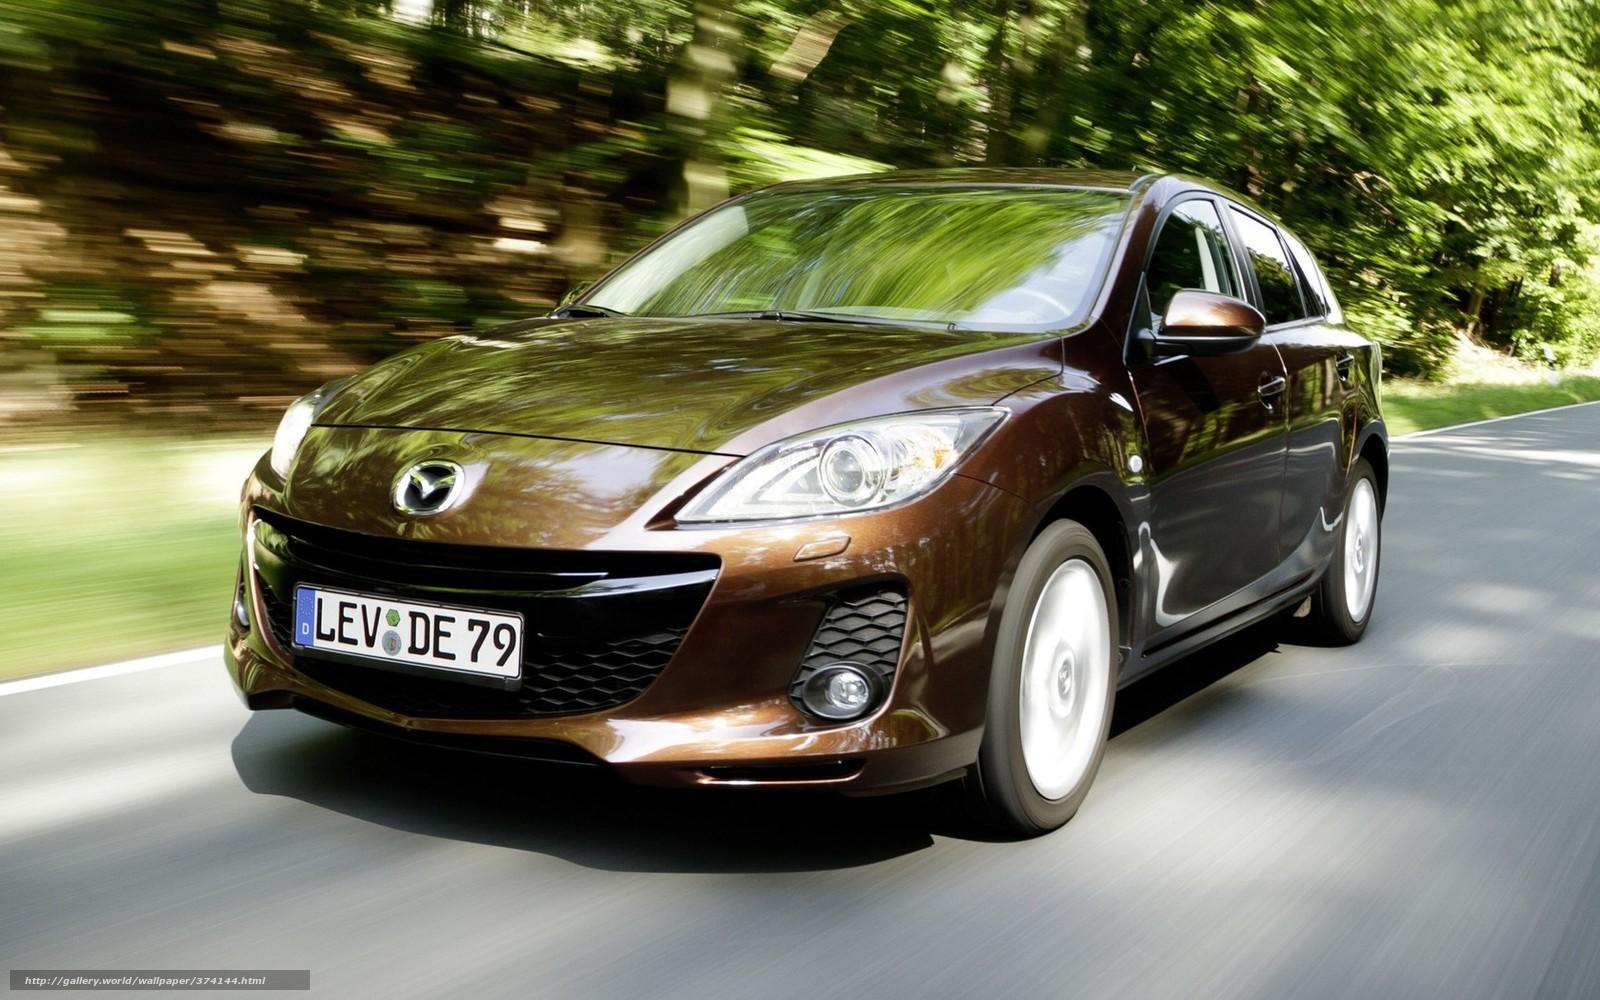 Download wallpaper Mazda Car road rate free desktop wallpaper in